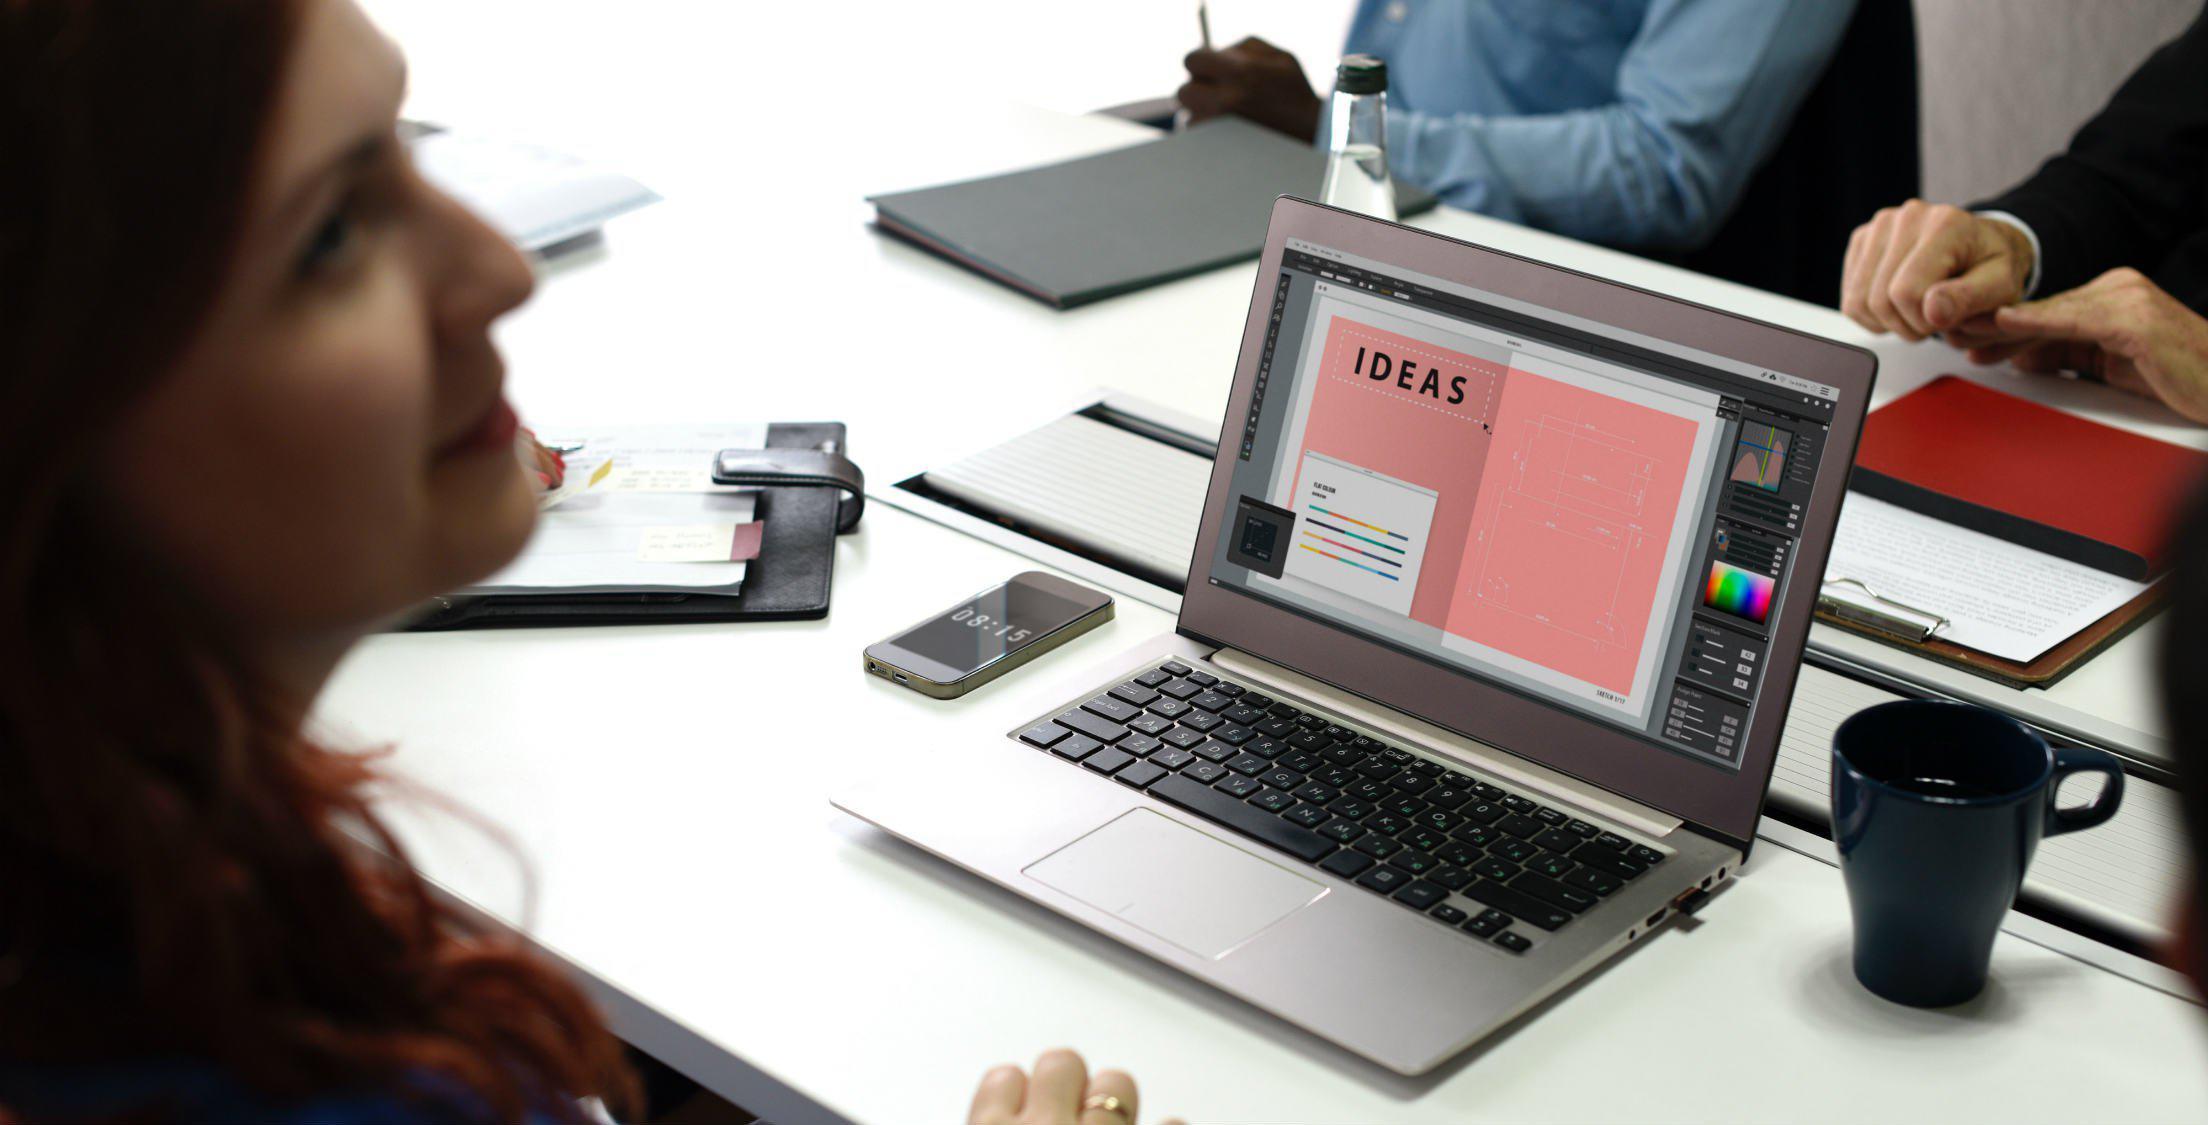 Free Sydney digital marketing workshop